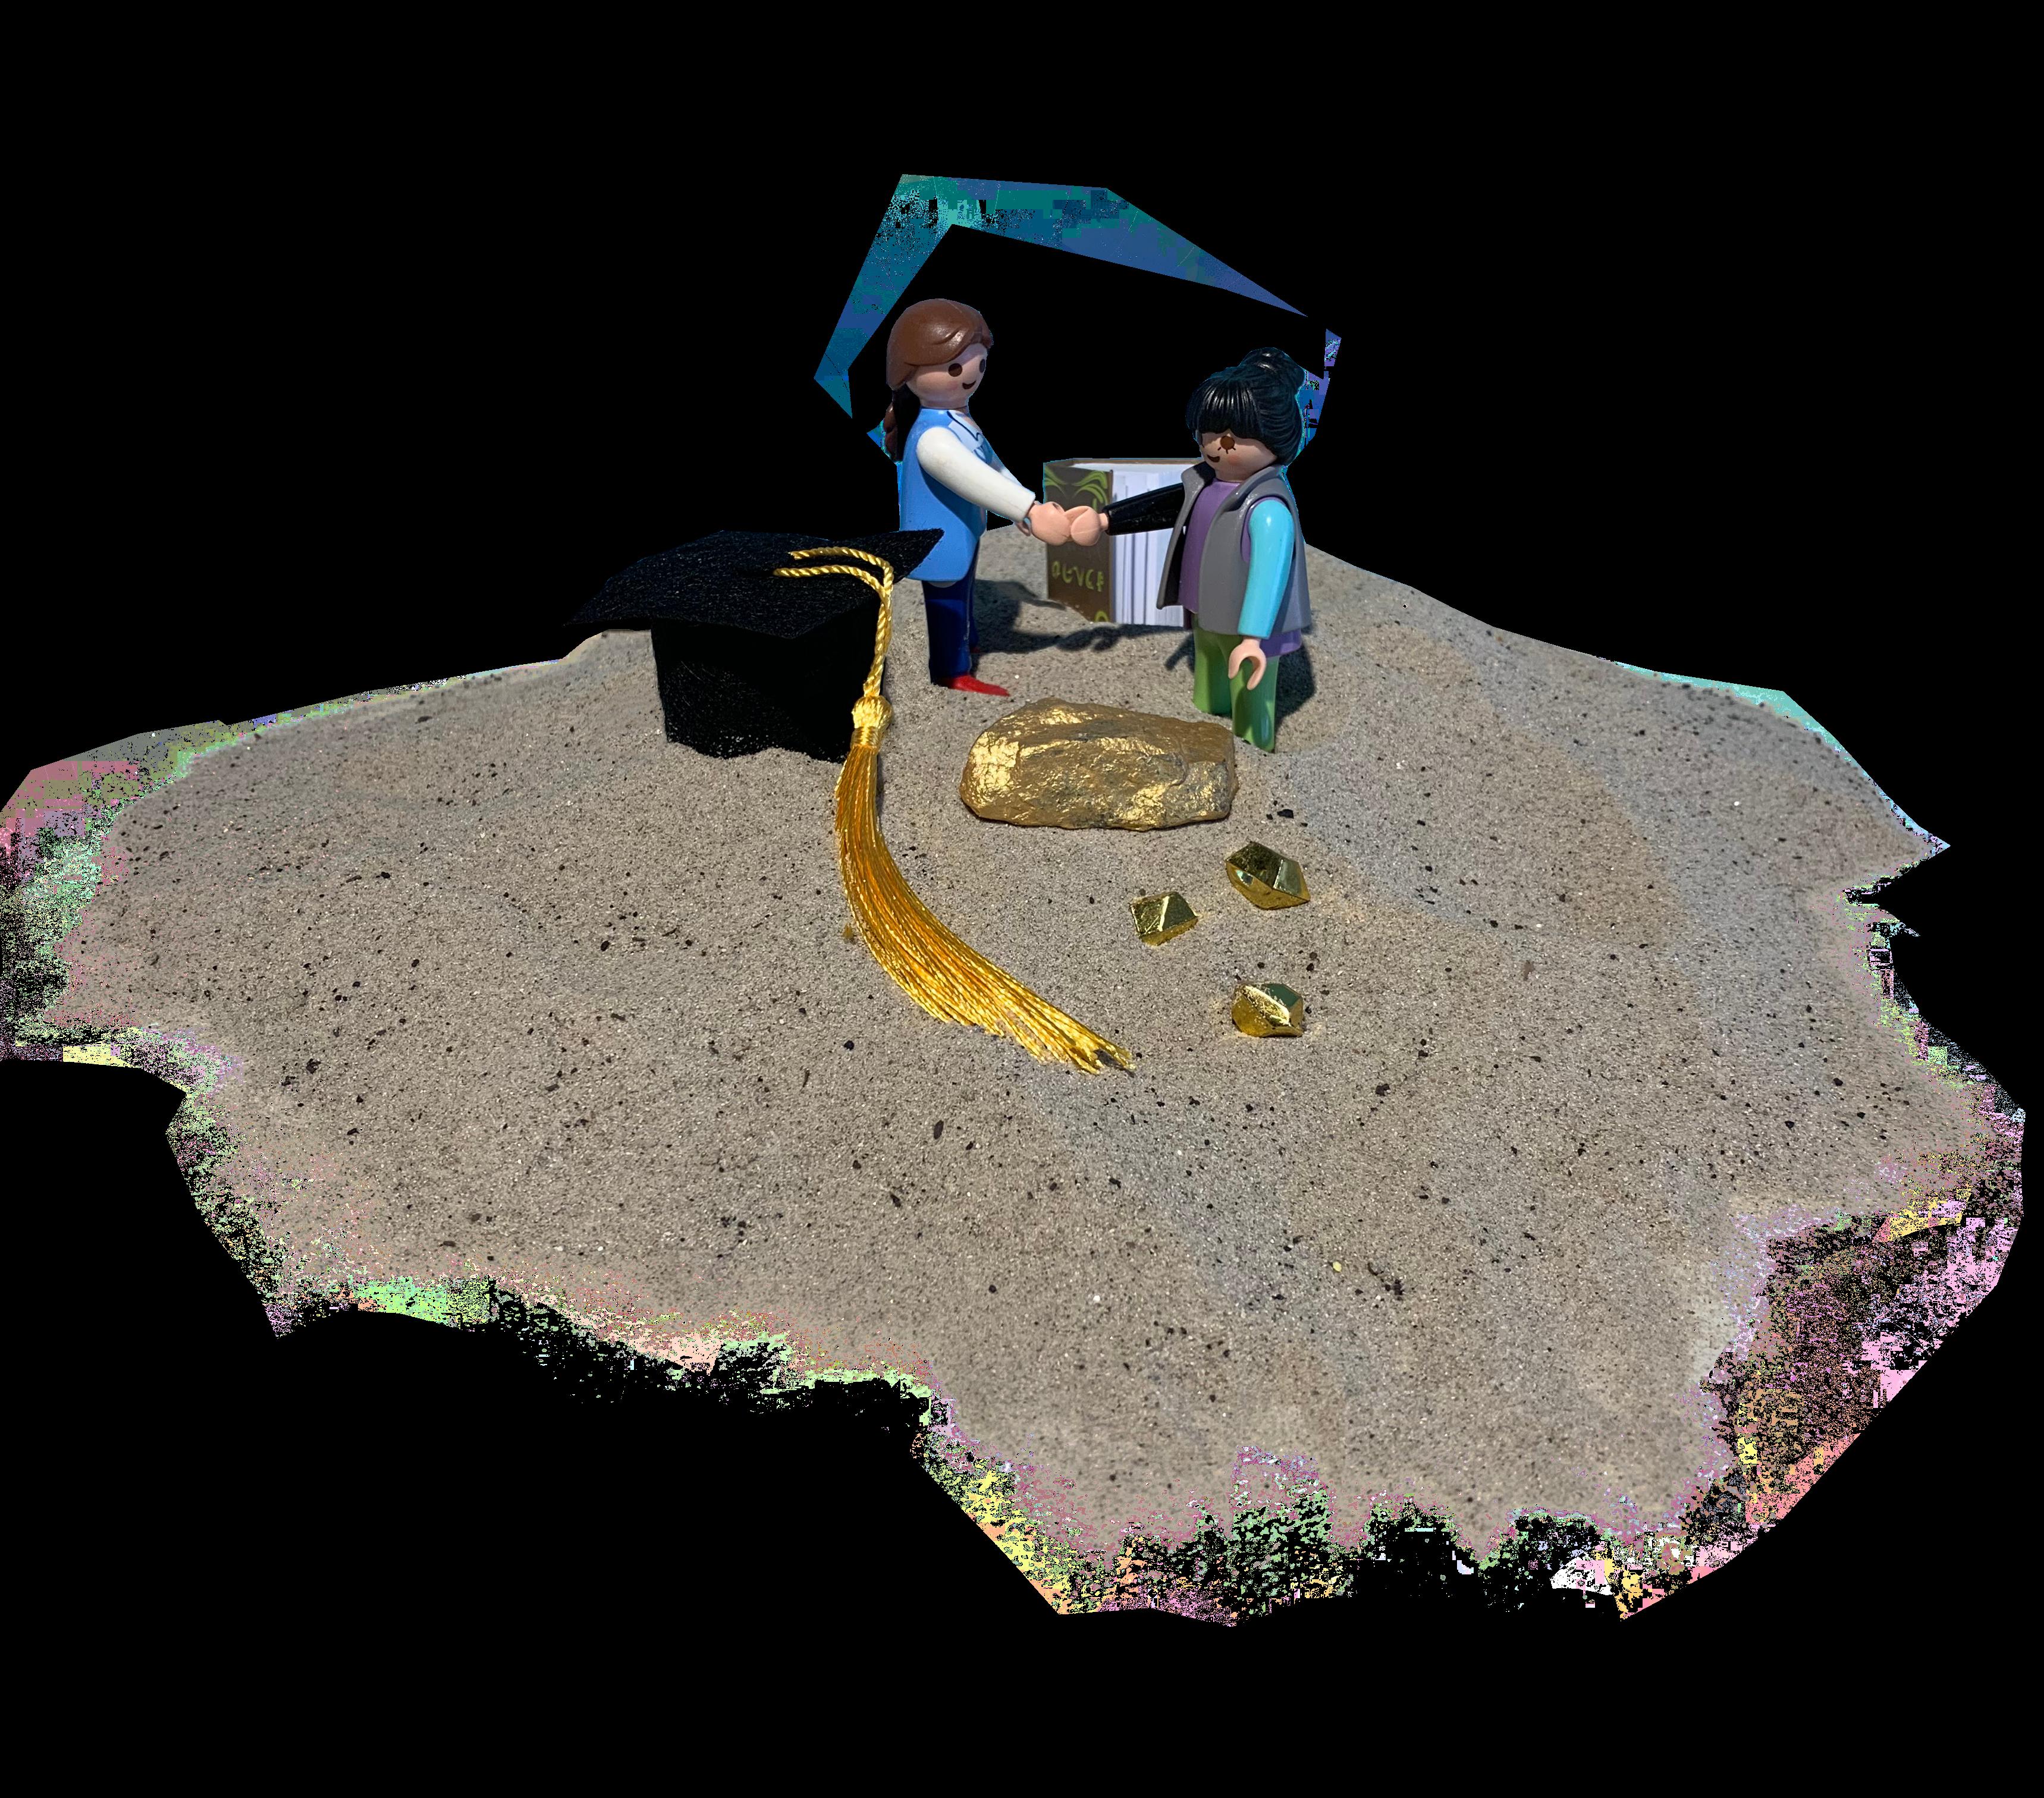 Afbeelding van een man en vrouw met puzzelstukjes in handen